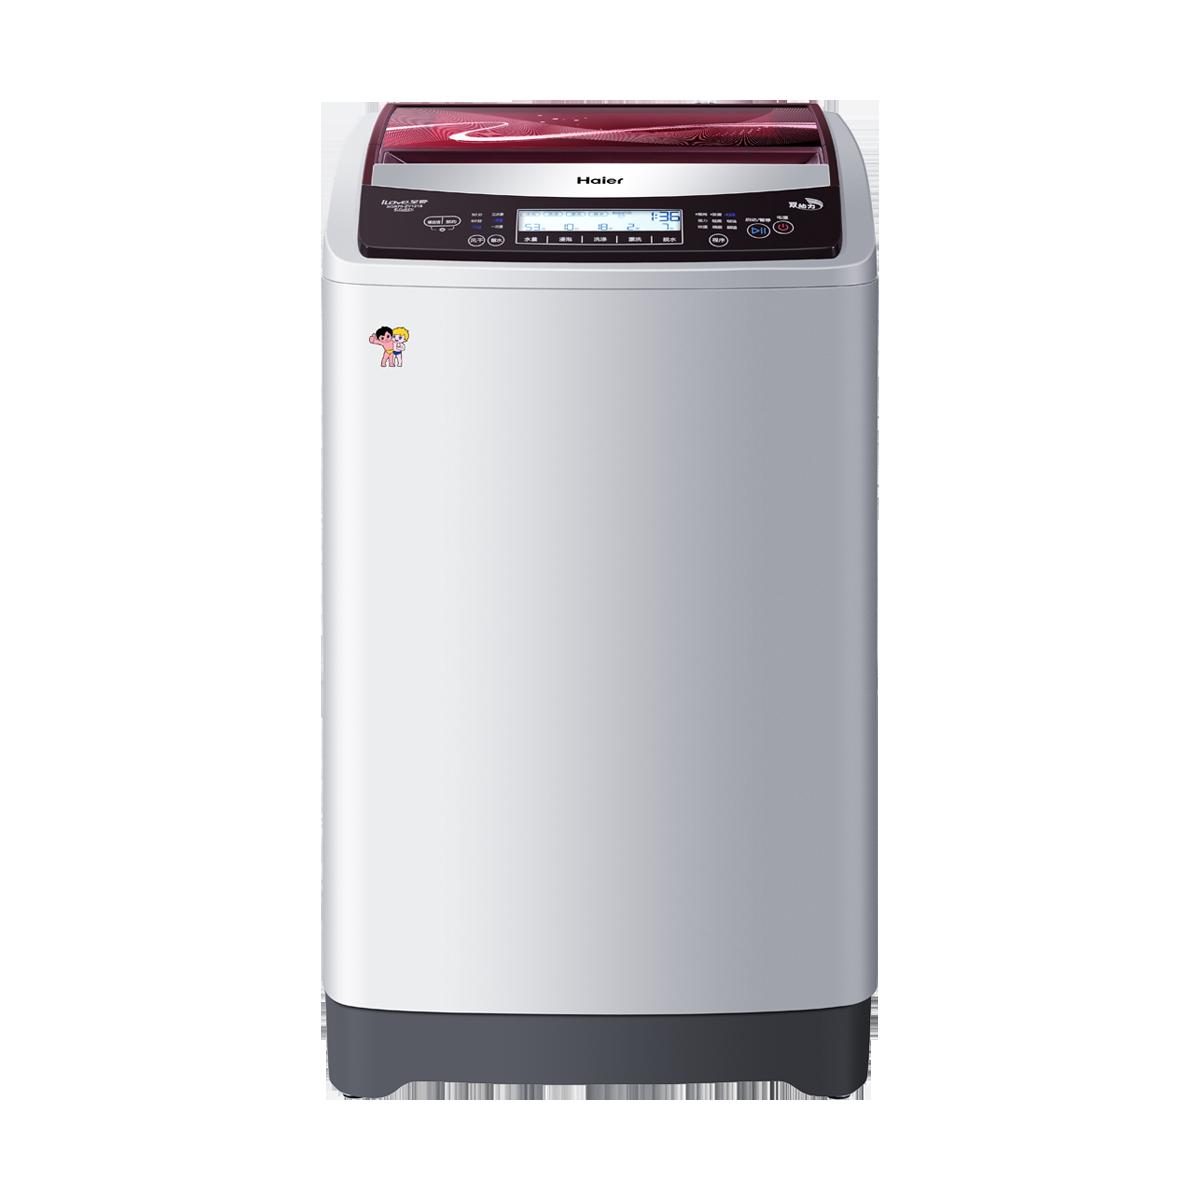 海尔Haier洗衣机 XQS70-ZY1218 说明书